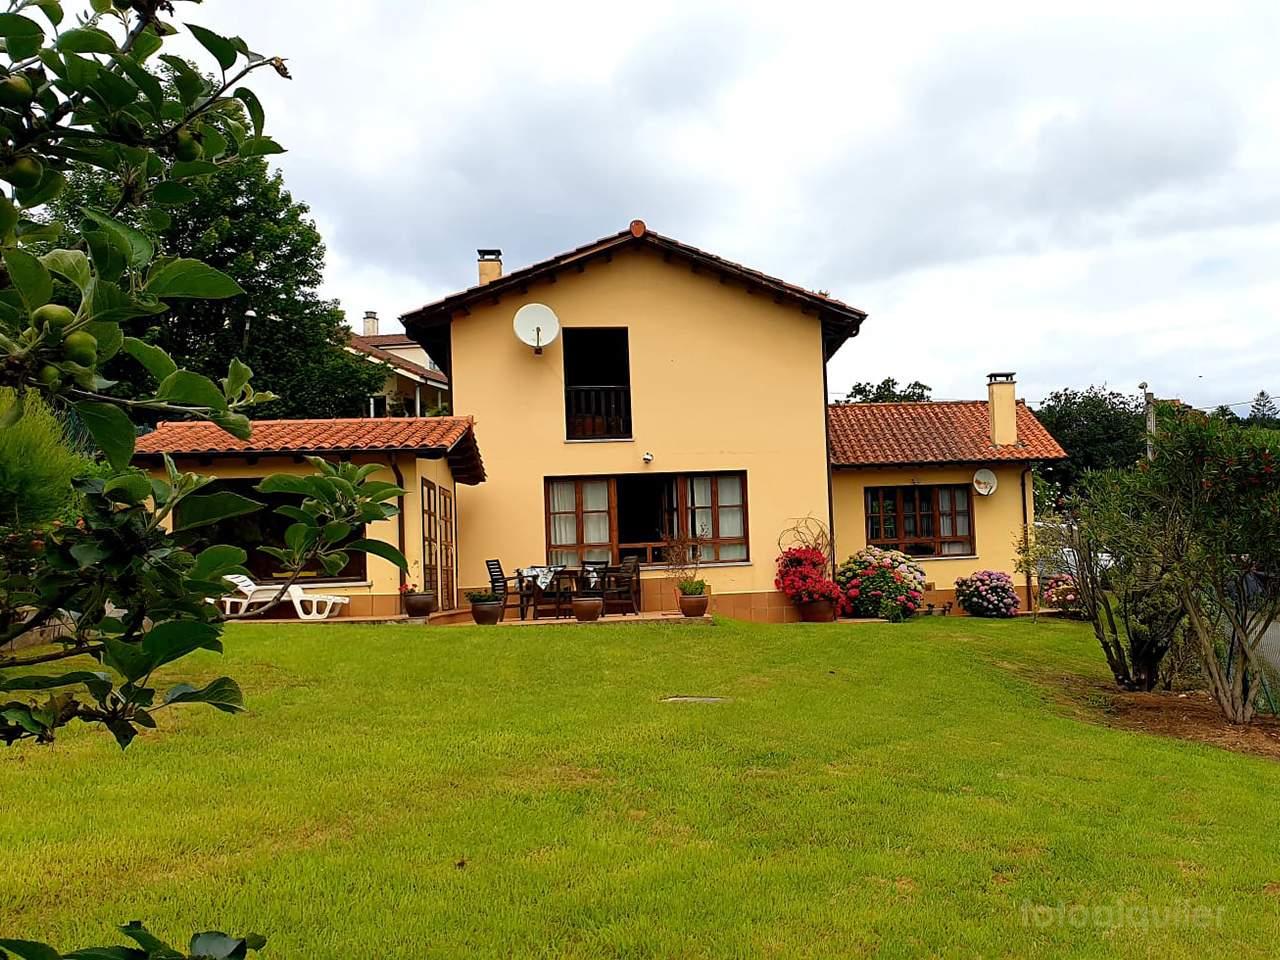 Alquiler de chalet en Ribadesella, Asturias, ref.: ribadesella8607